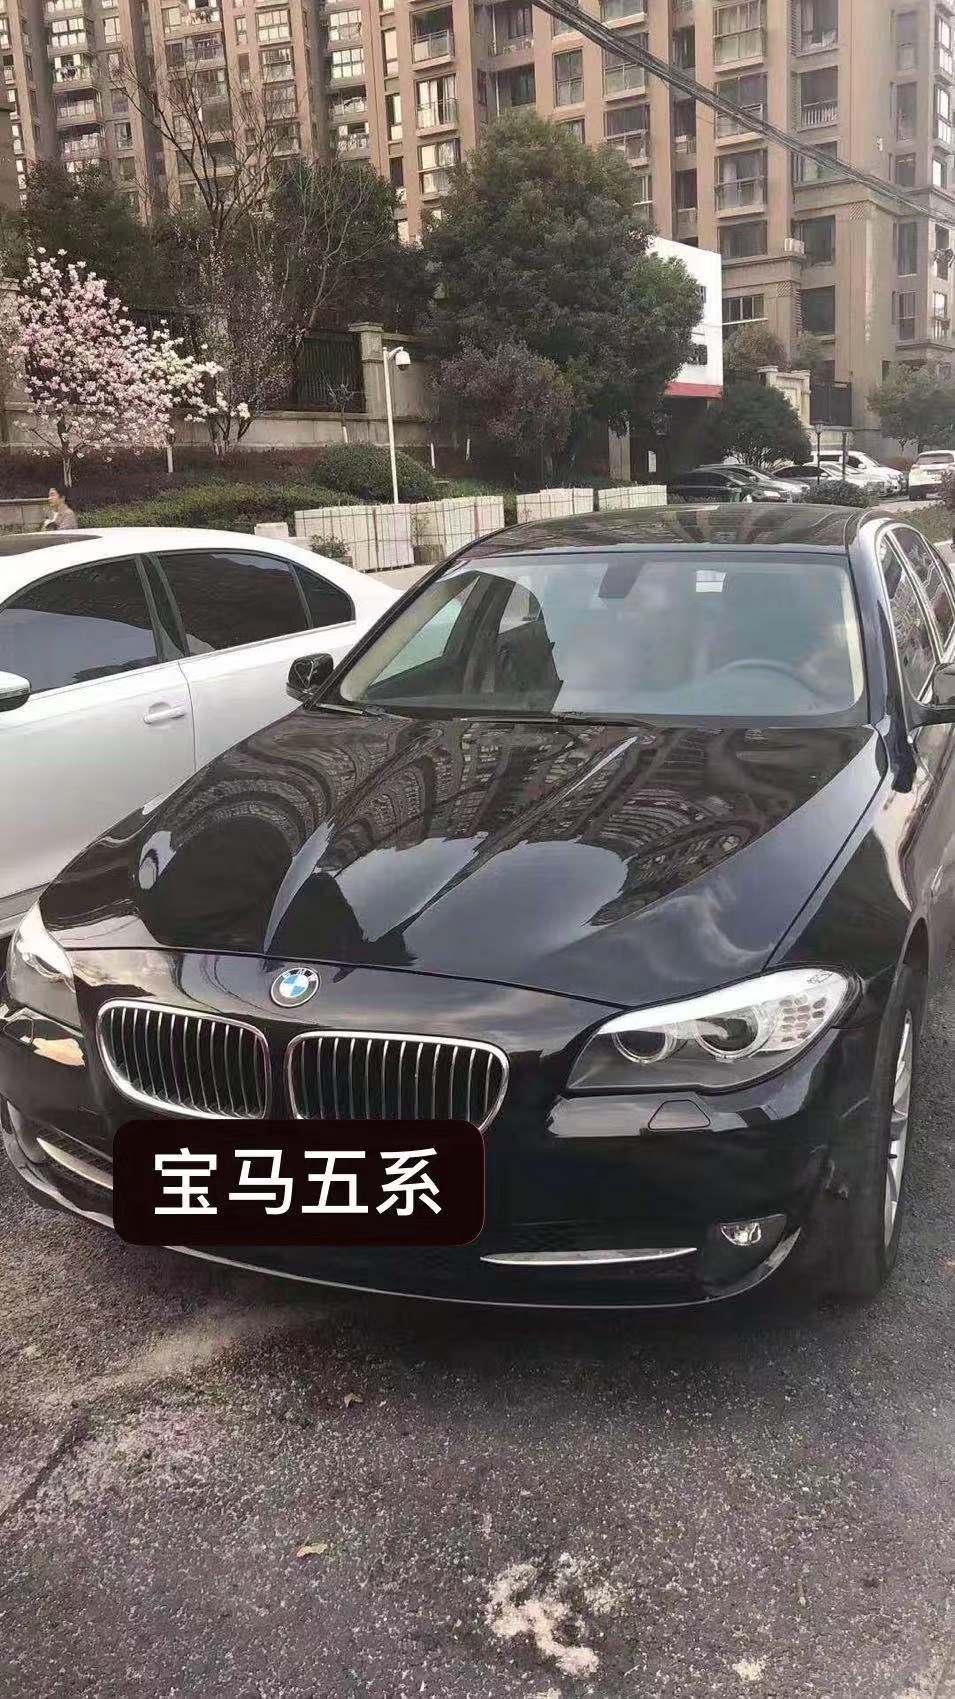 虹桥机场到杭州小车要多少钱 诚信服务「宁波平泓汽车租赁供应」